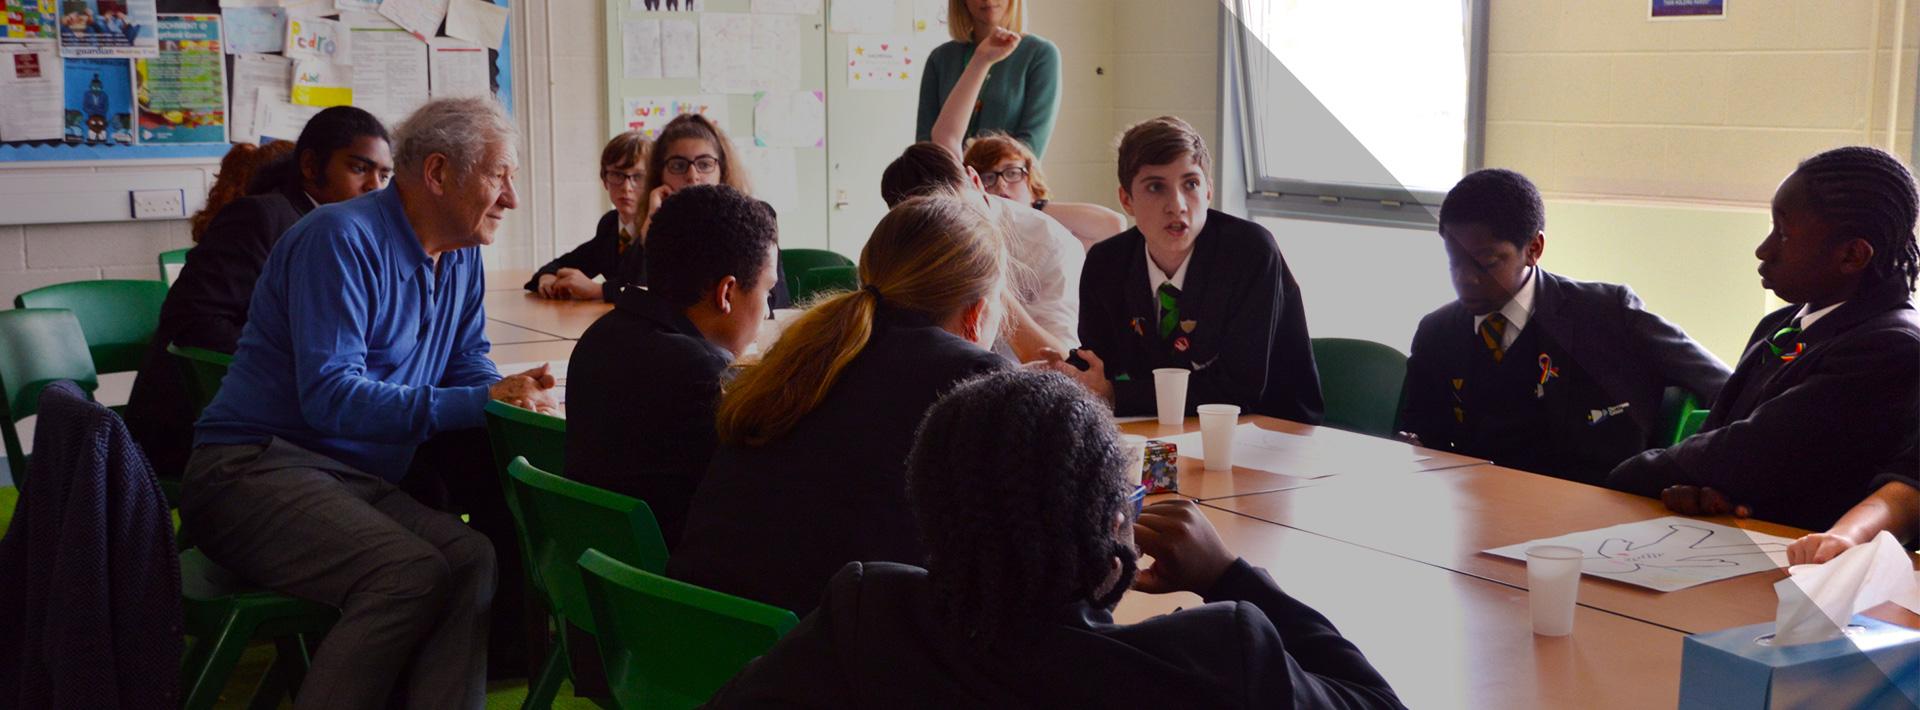 Group of school children with Ian McKellan